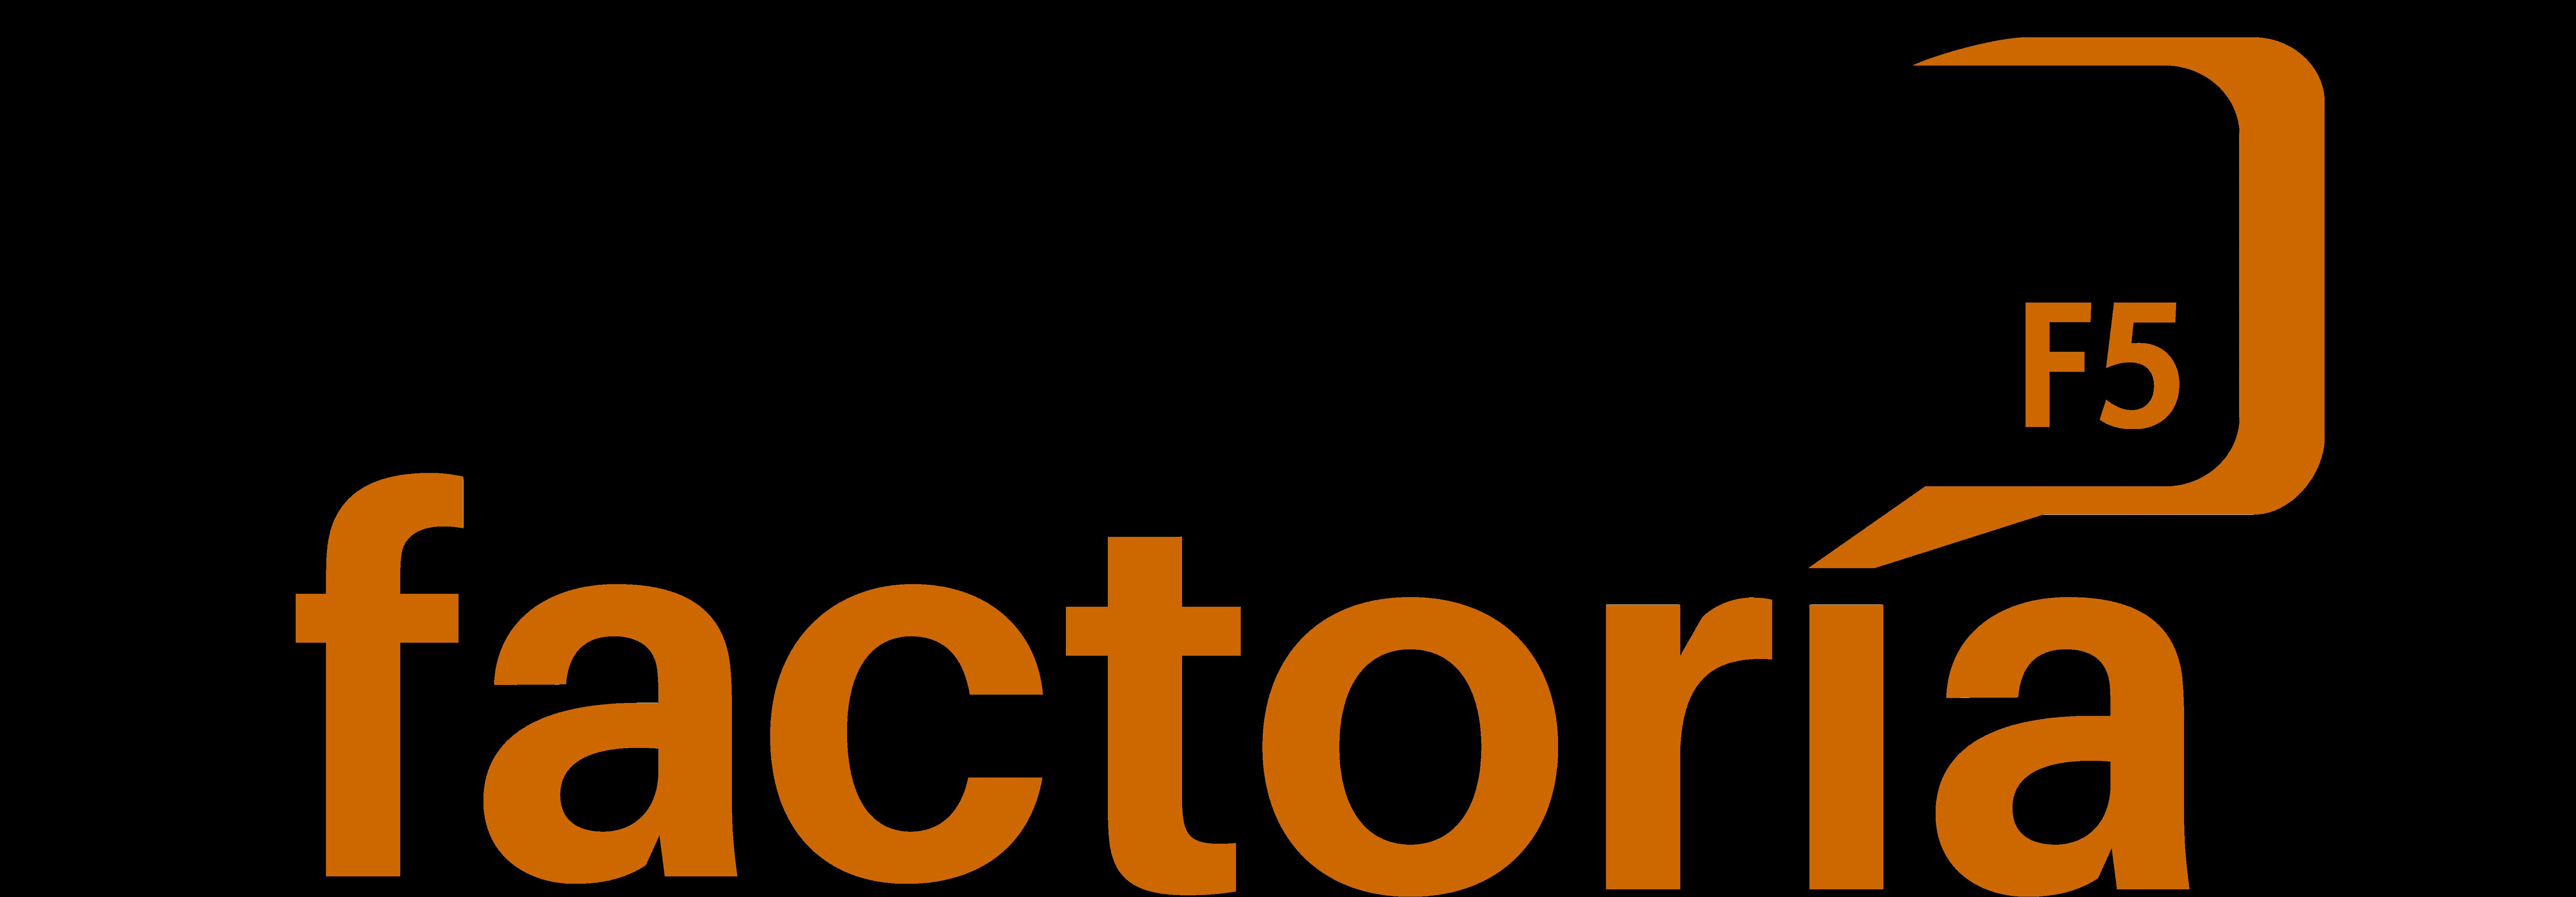 Factoria F5